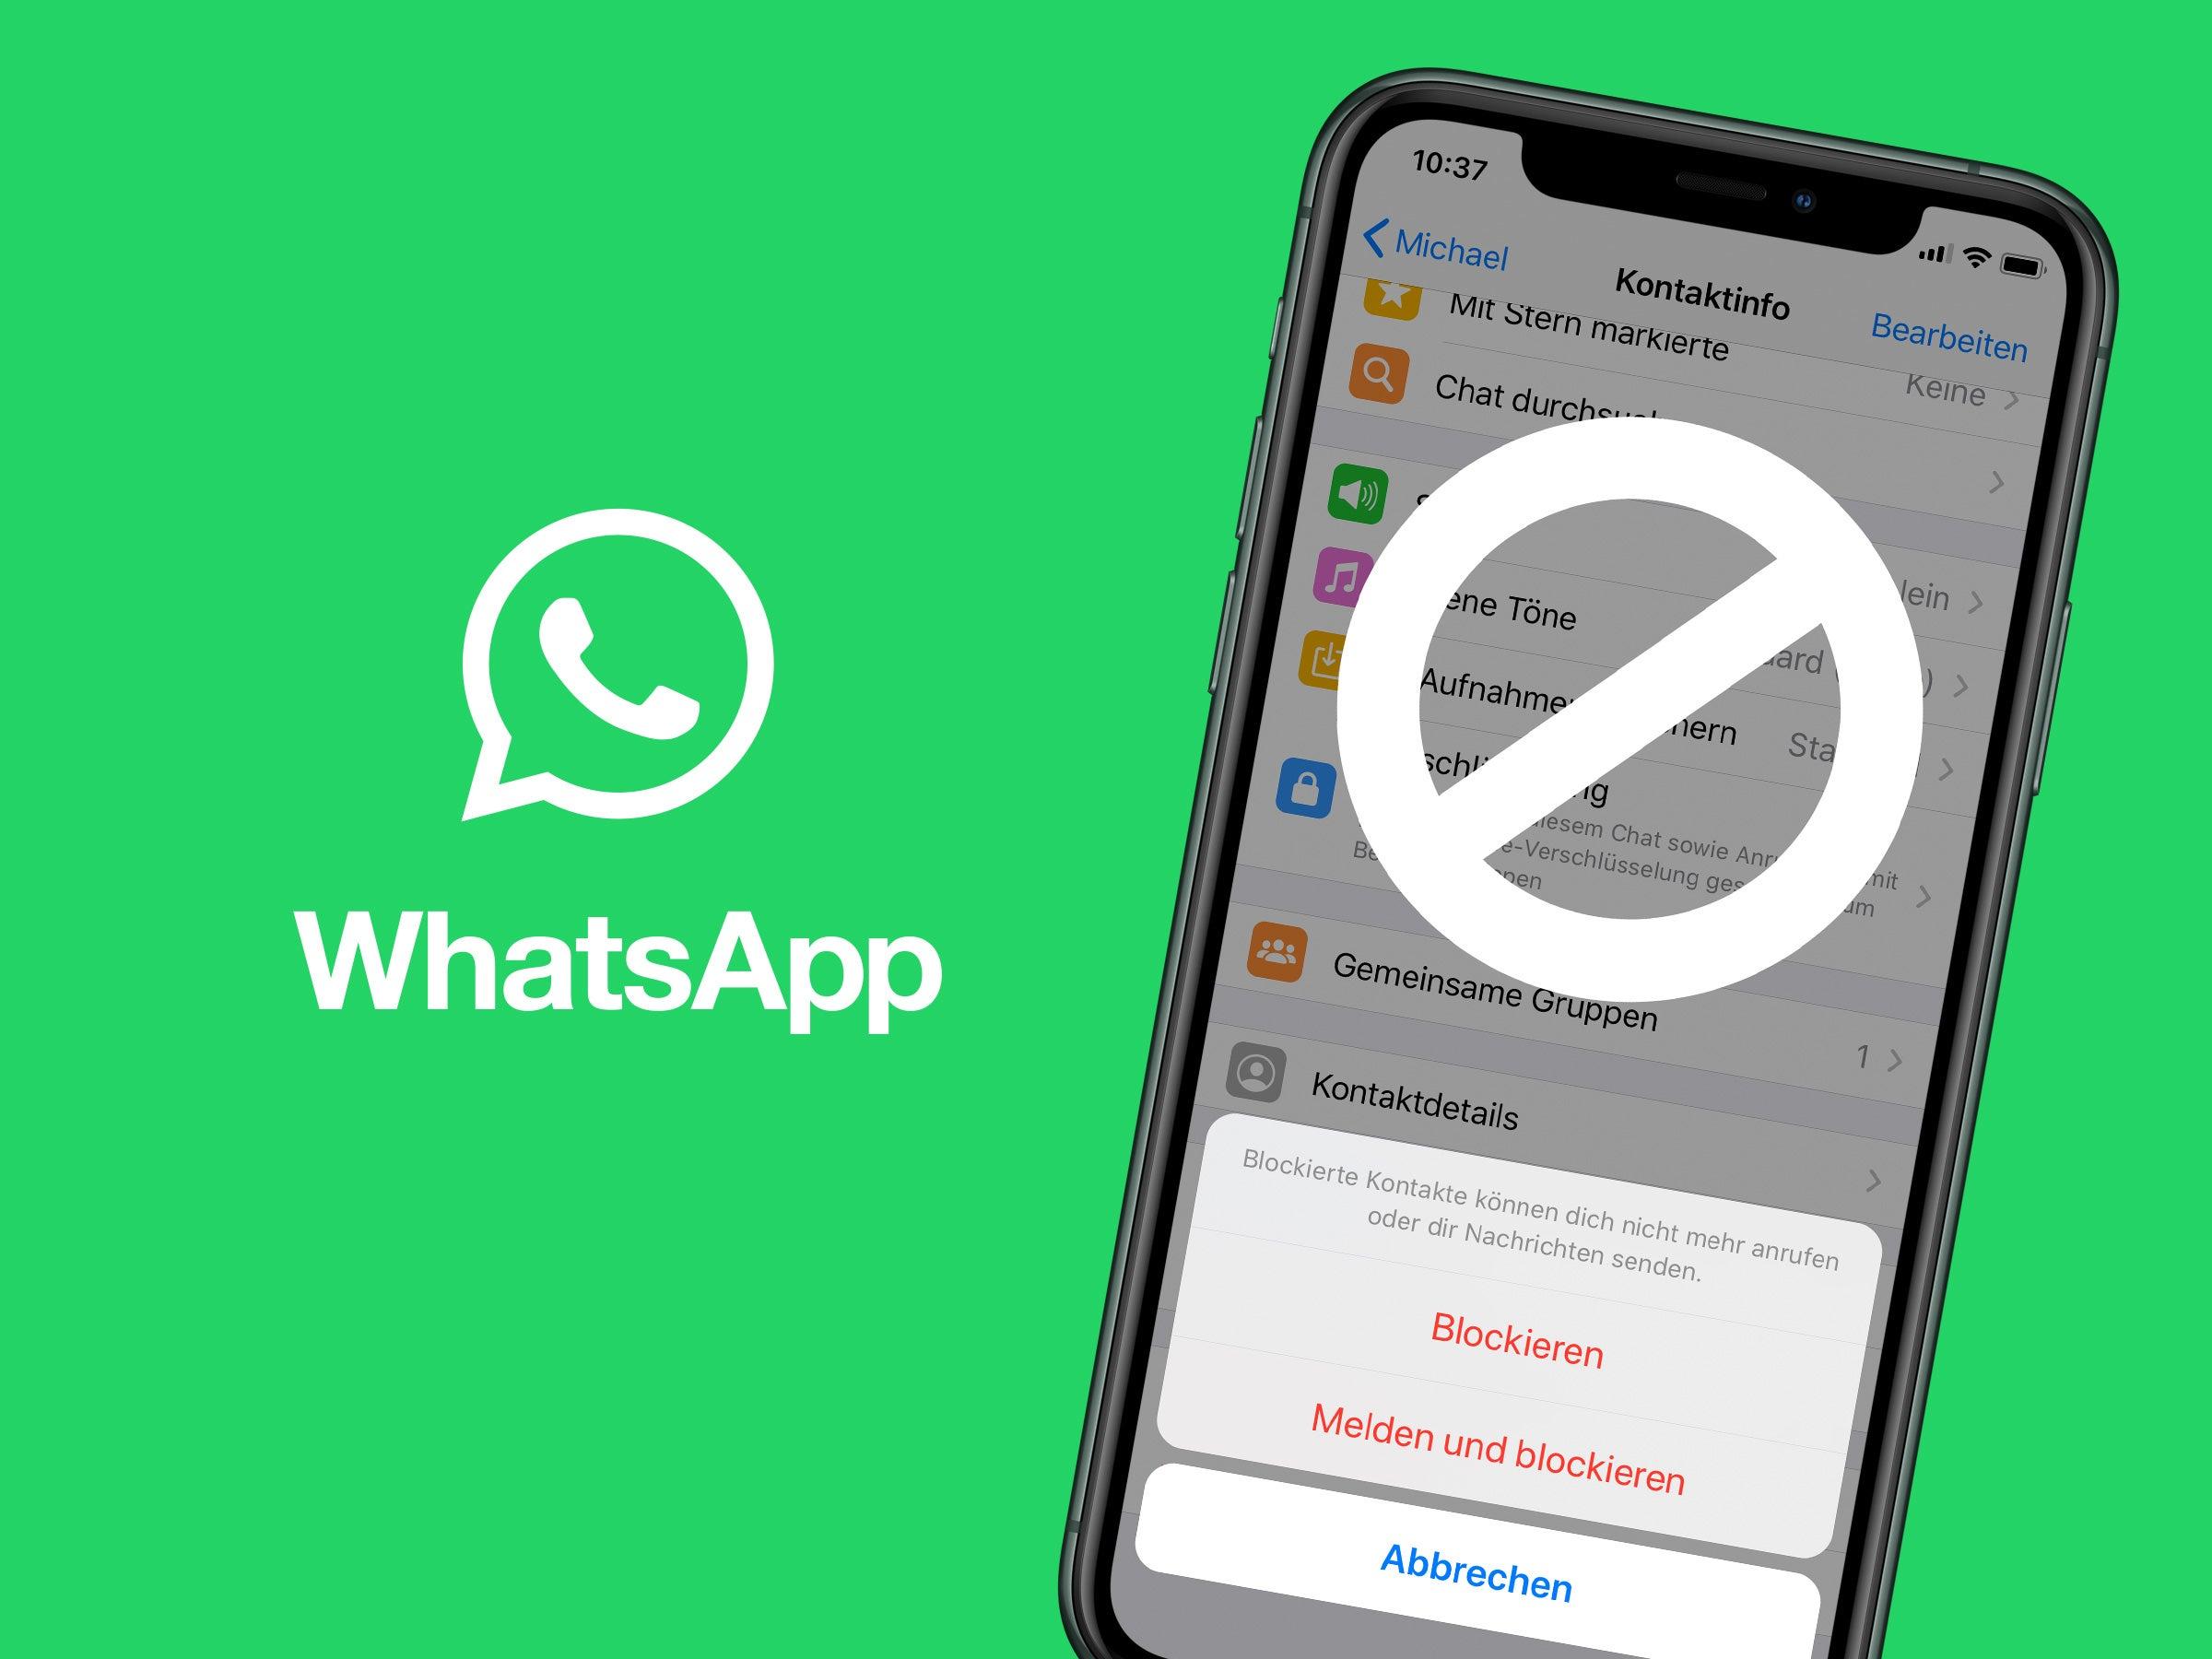 Whatsapp person blockieren nachrichten